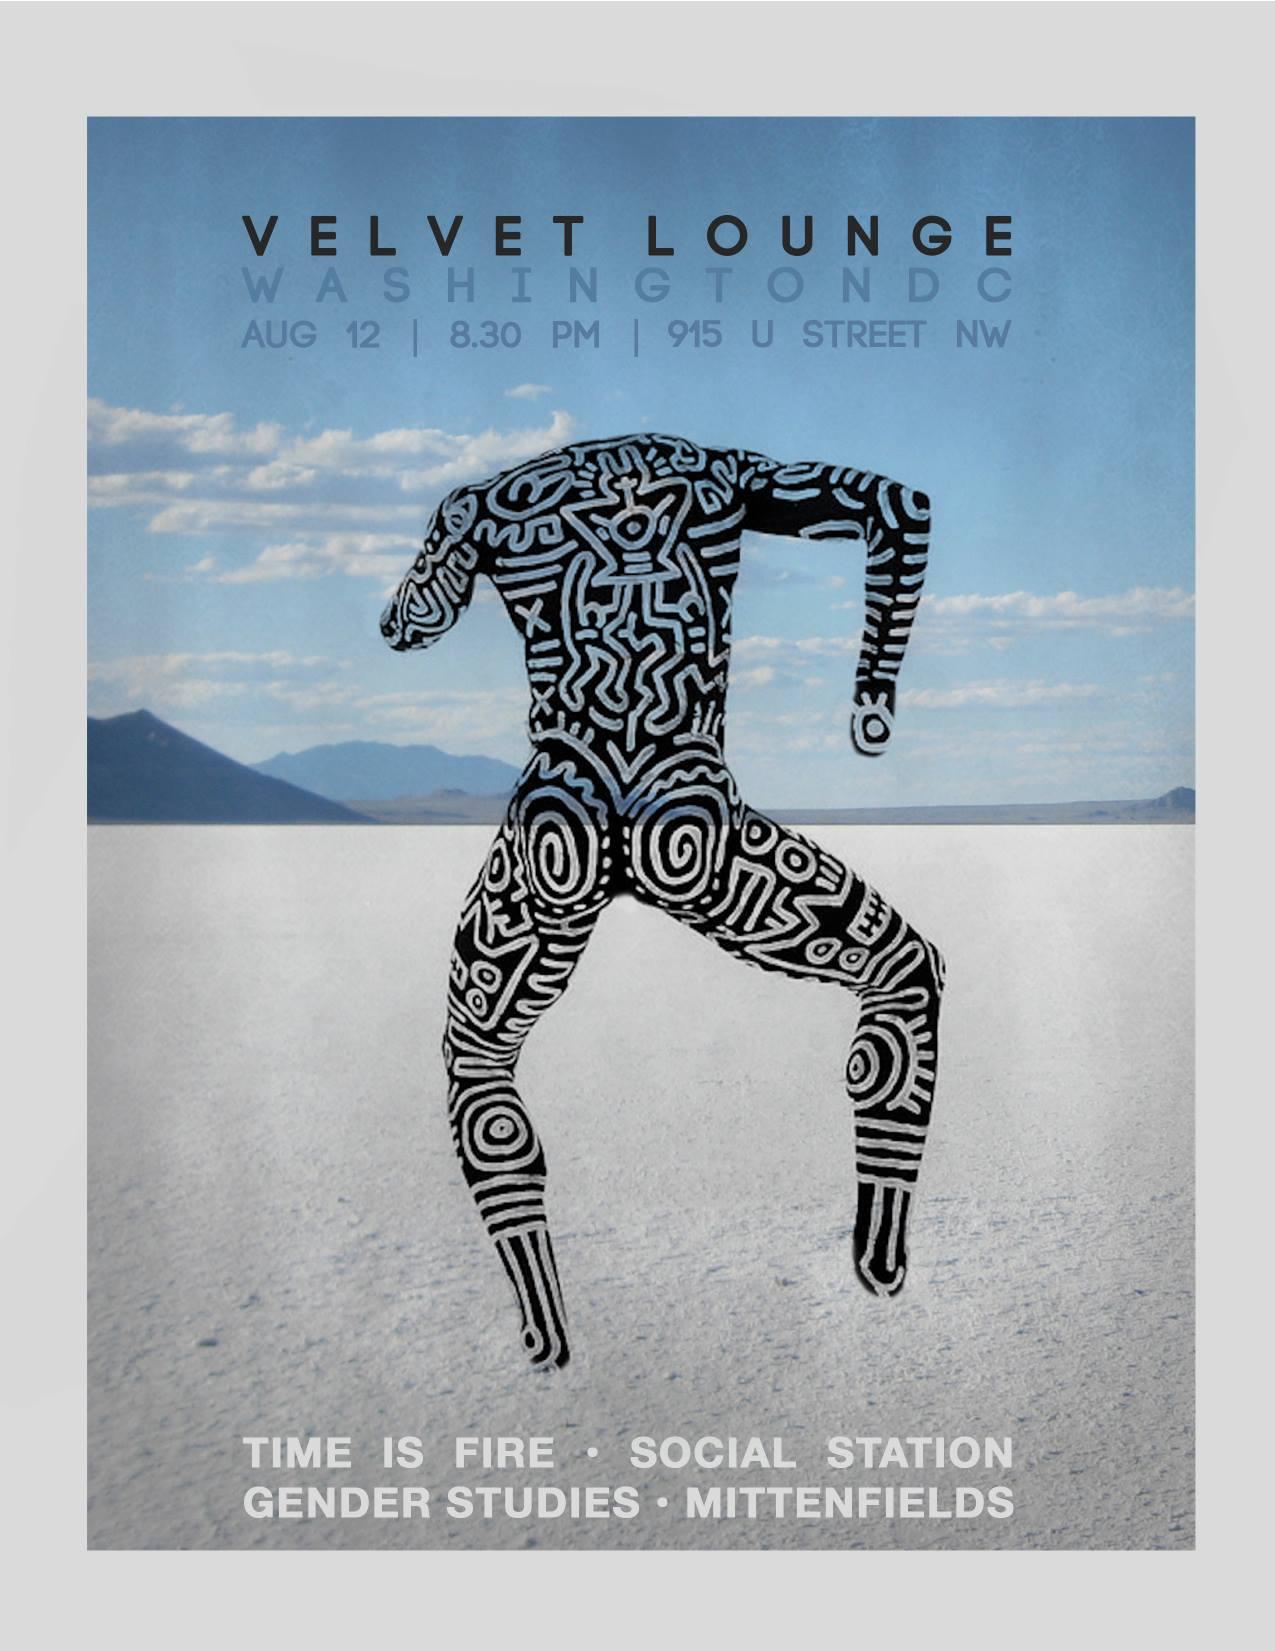 Velvet Lounge August 12 2015